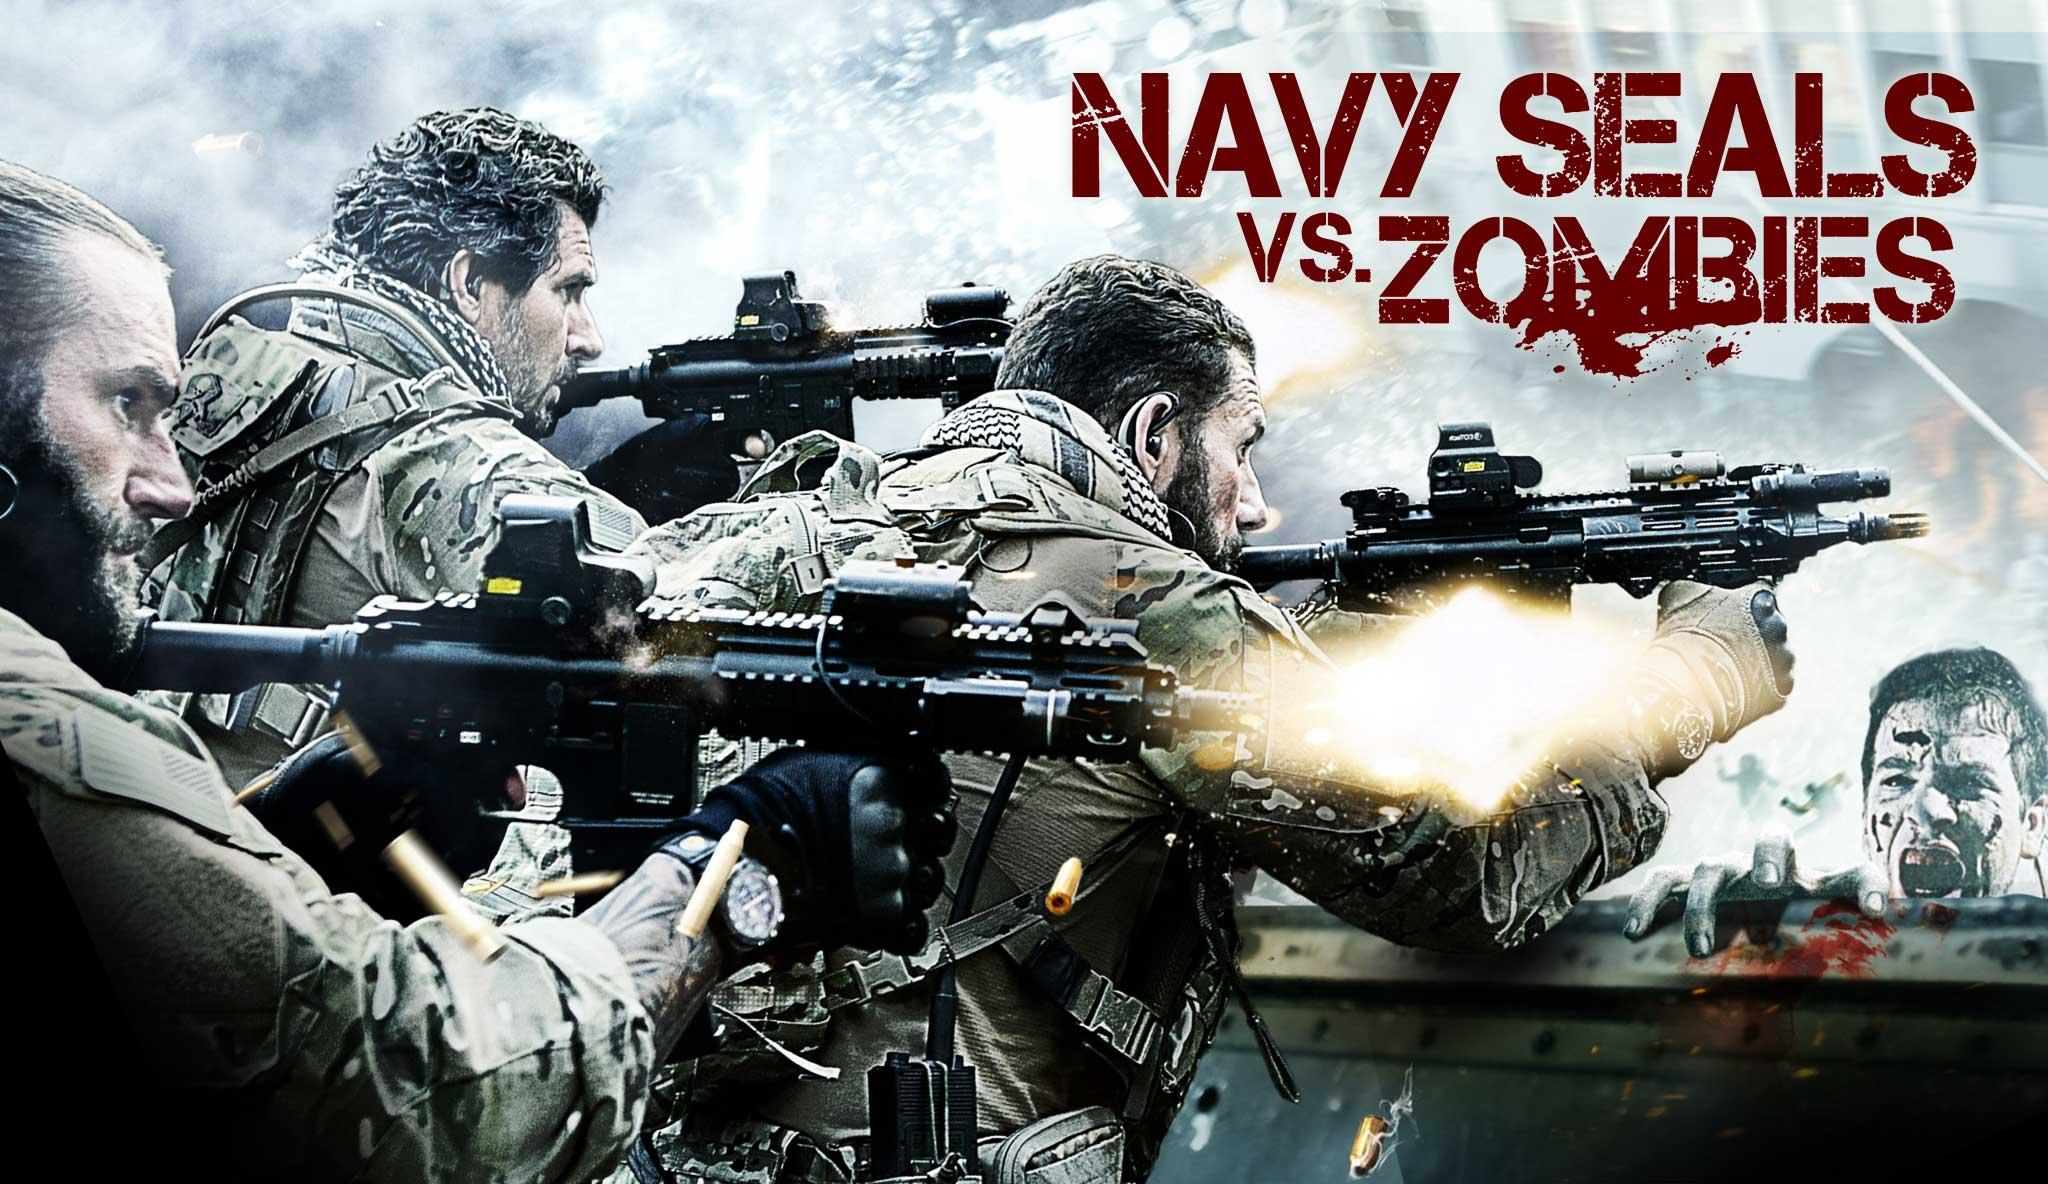 navy-seals-vs-zombies\header.jpg